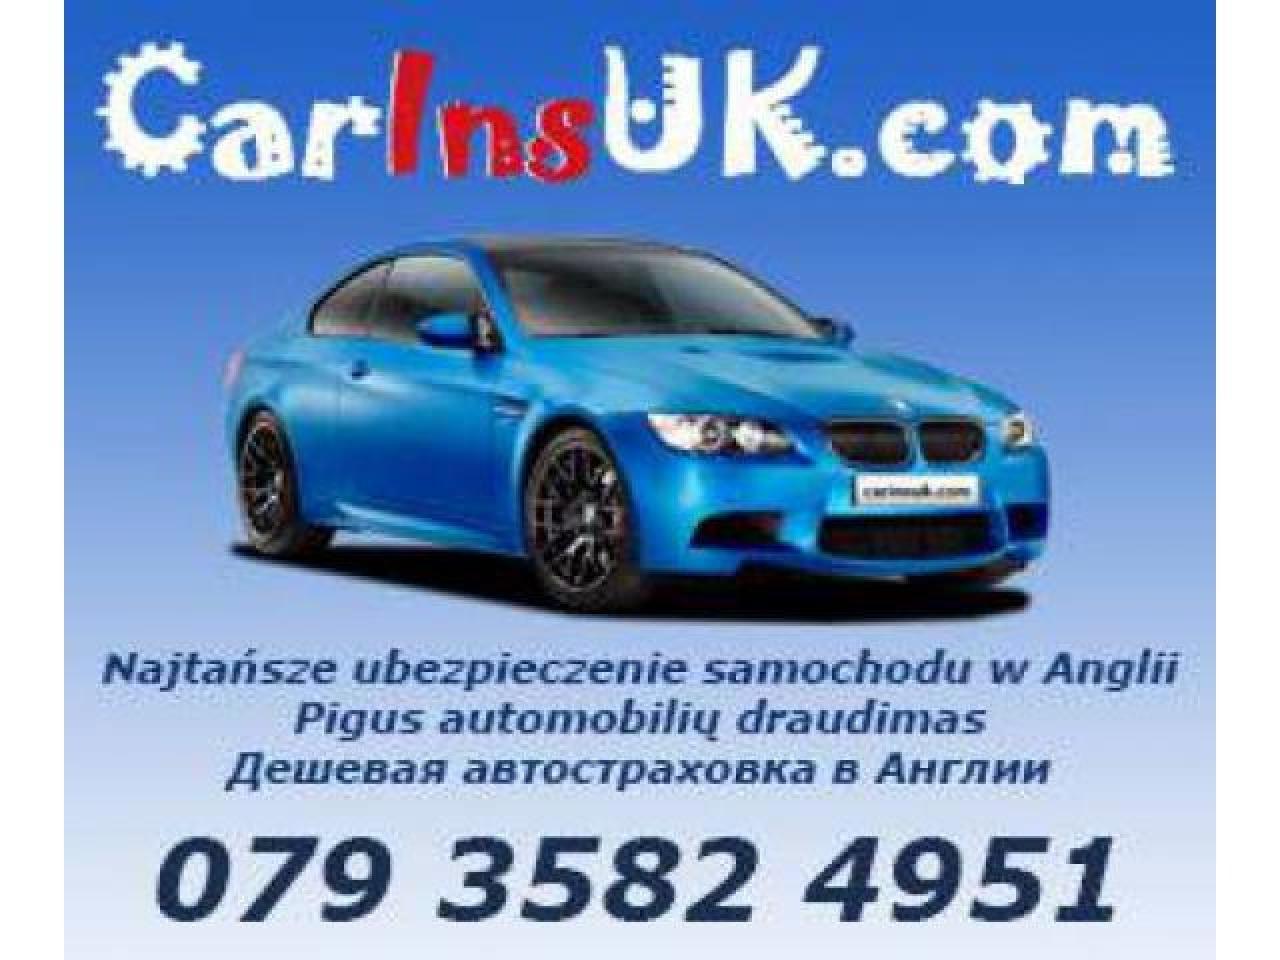 Дешевая автостраховка в Англии. Наши цены приятно вас удивят - 1